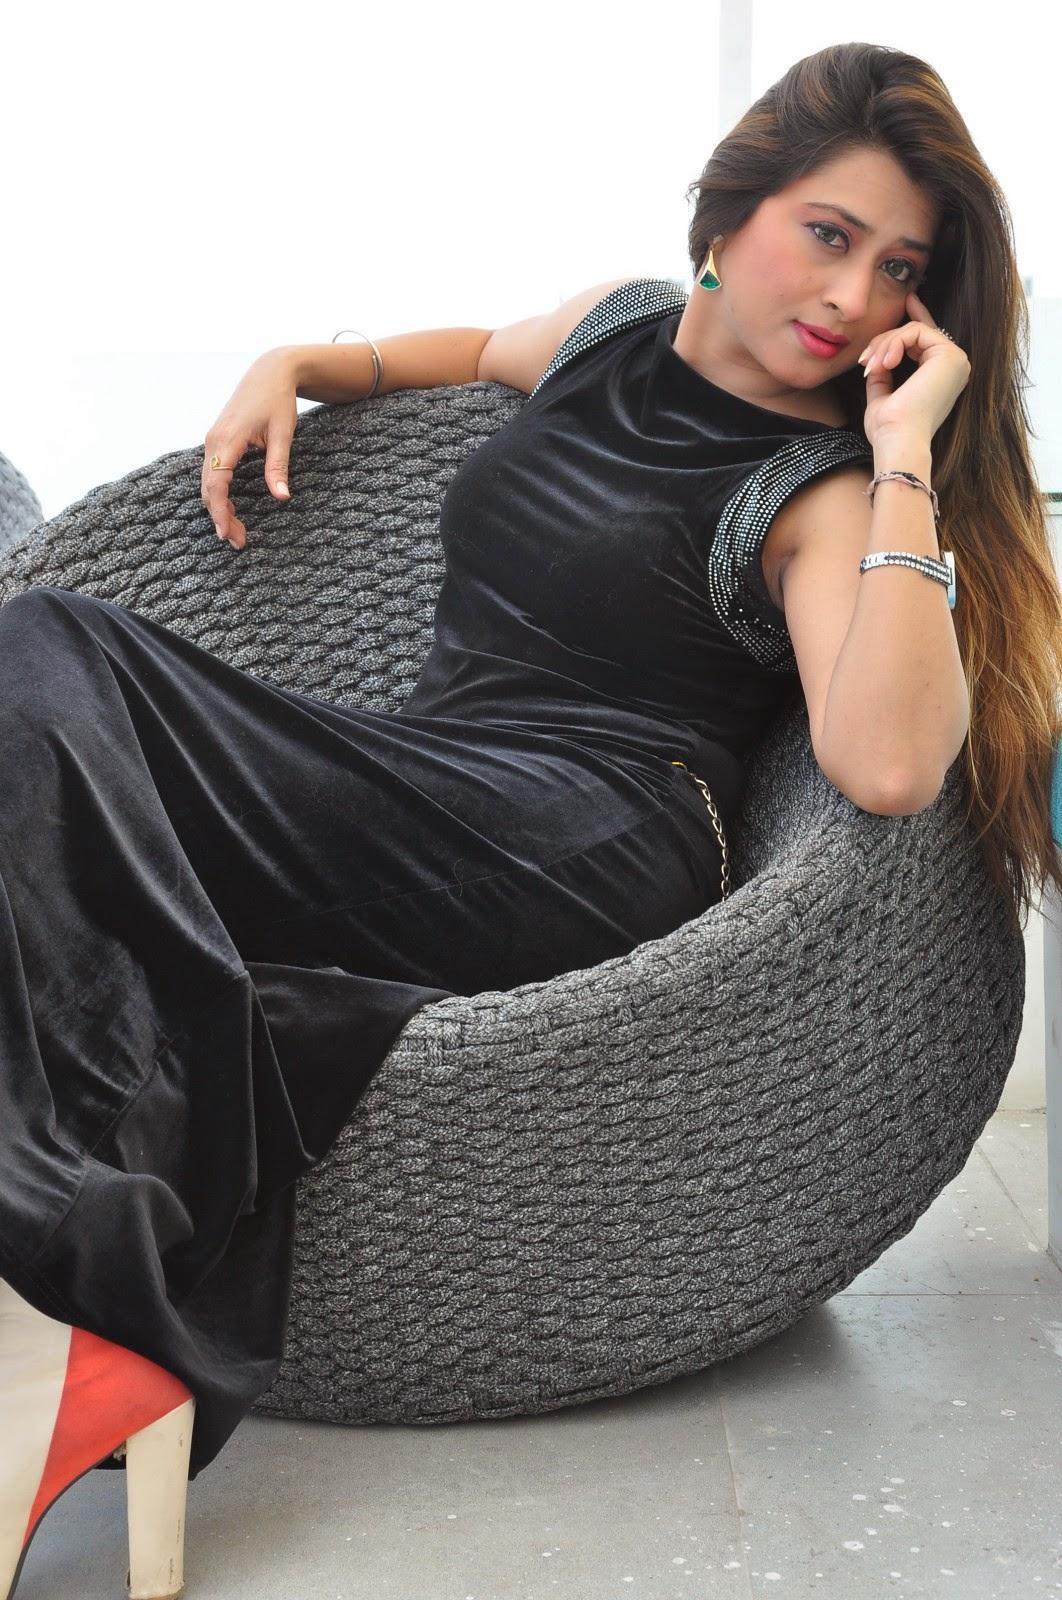 Farah khan glamorous photos-HQ-Photo-12